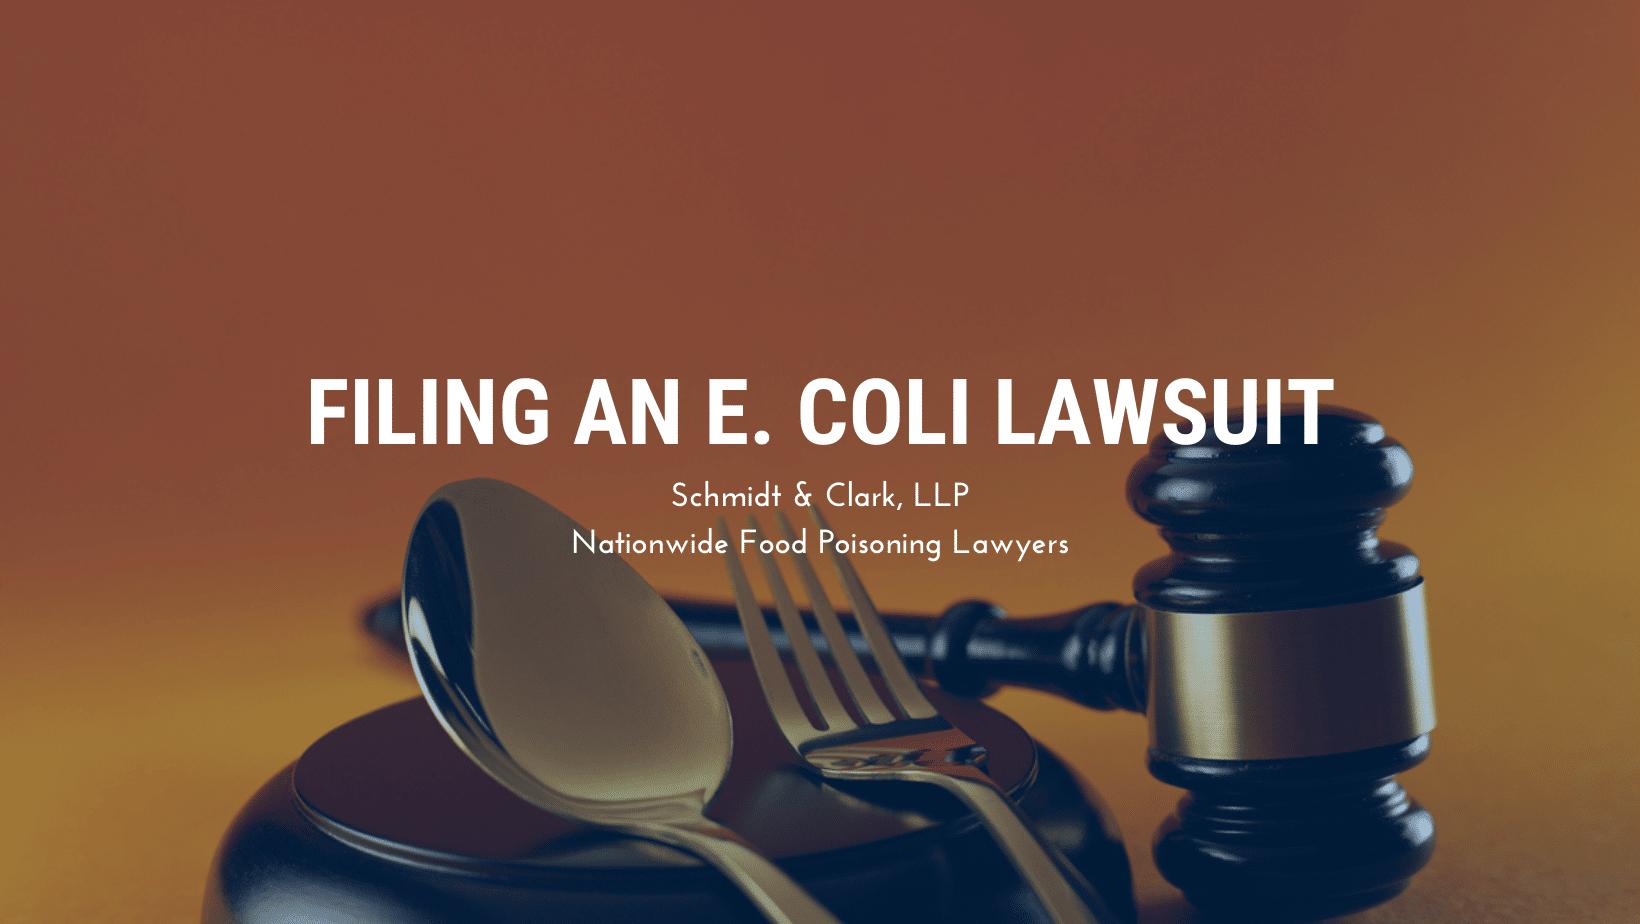 Filing an E. coli Lawsuit